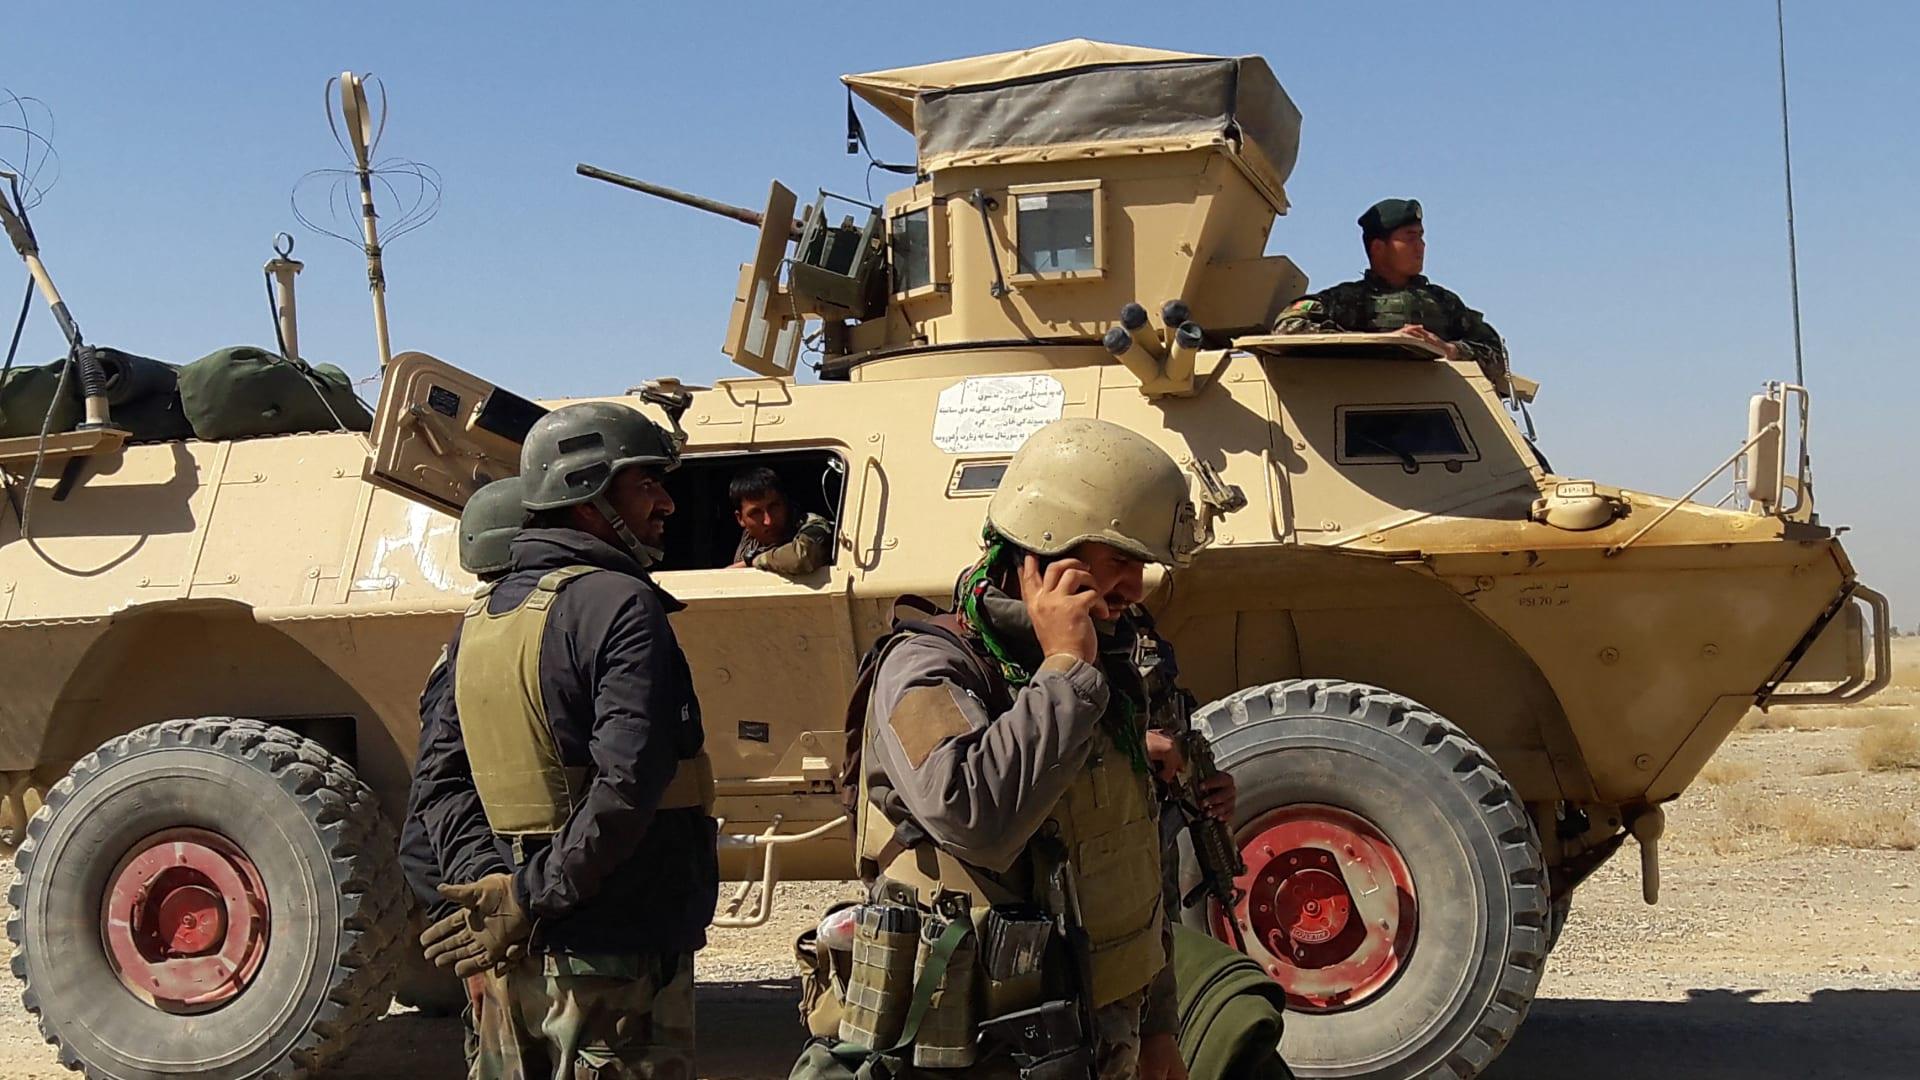 مع اقتراب انسحاب القوات الأمريكية من أفغانستان.. هل ستعود طالبان للسلطة؟